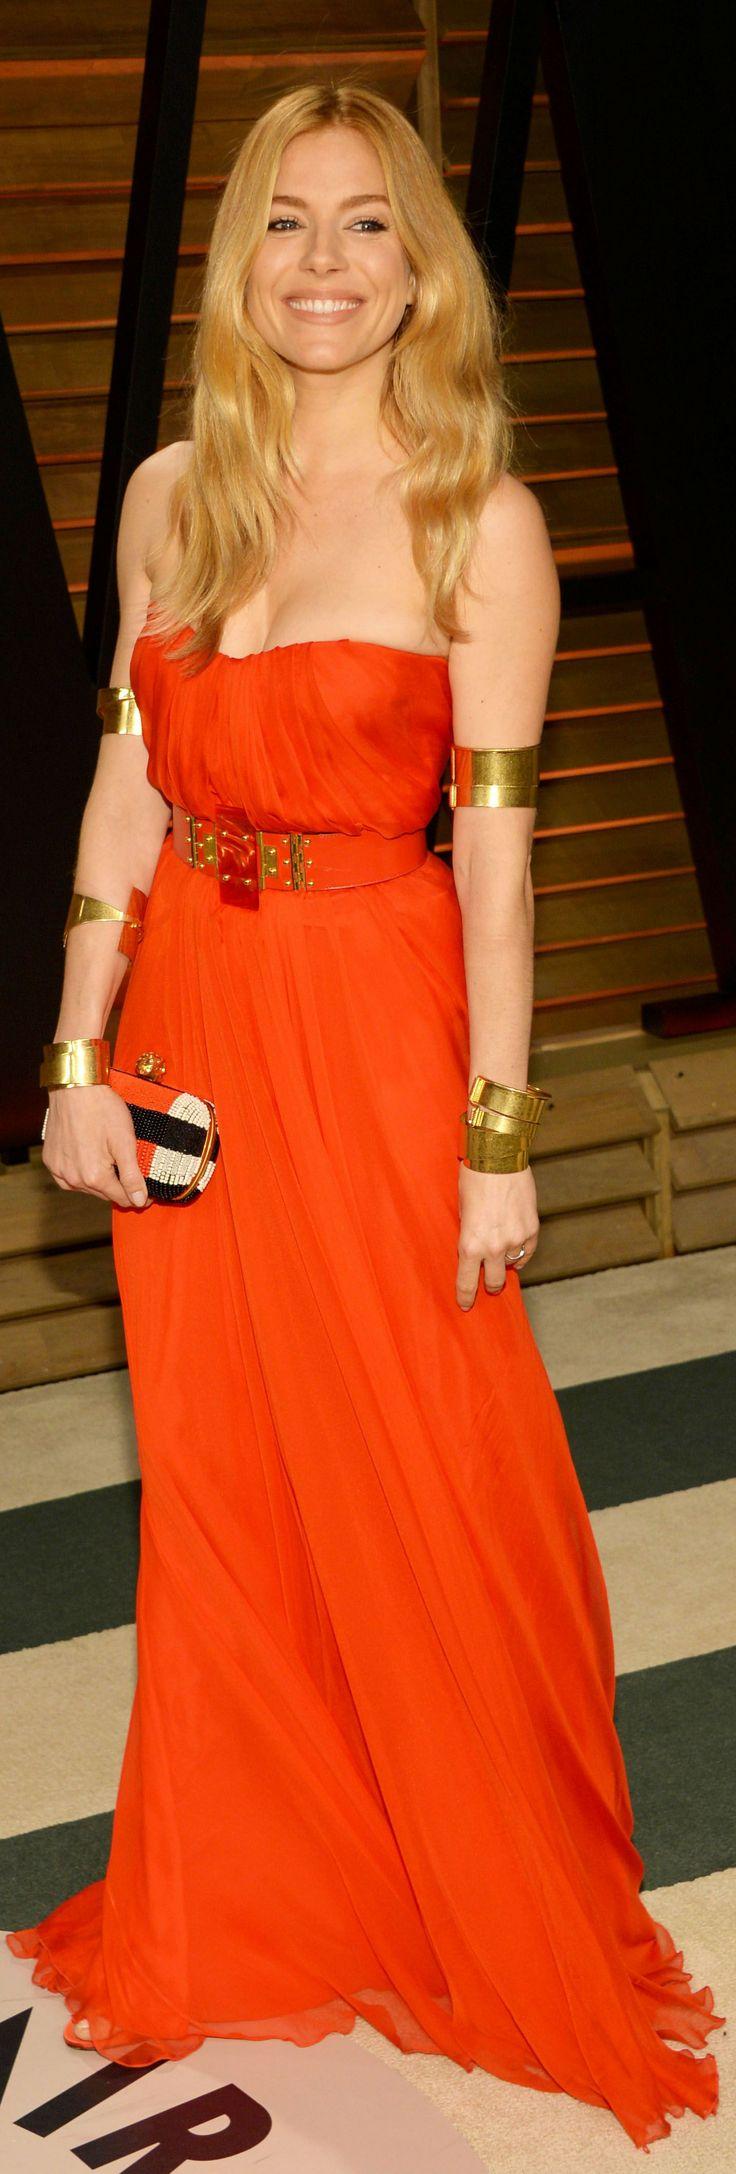 Sienna Miller - 2014 Vanity Fair Oscar Party (March 2, 2014)